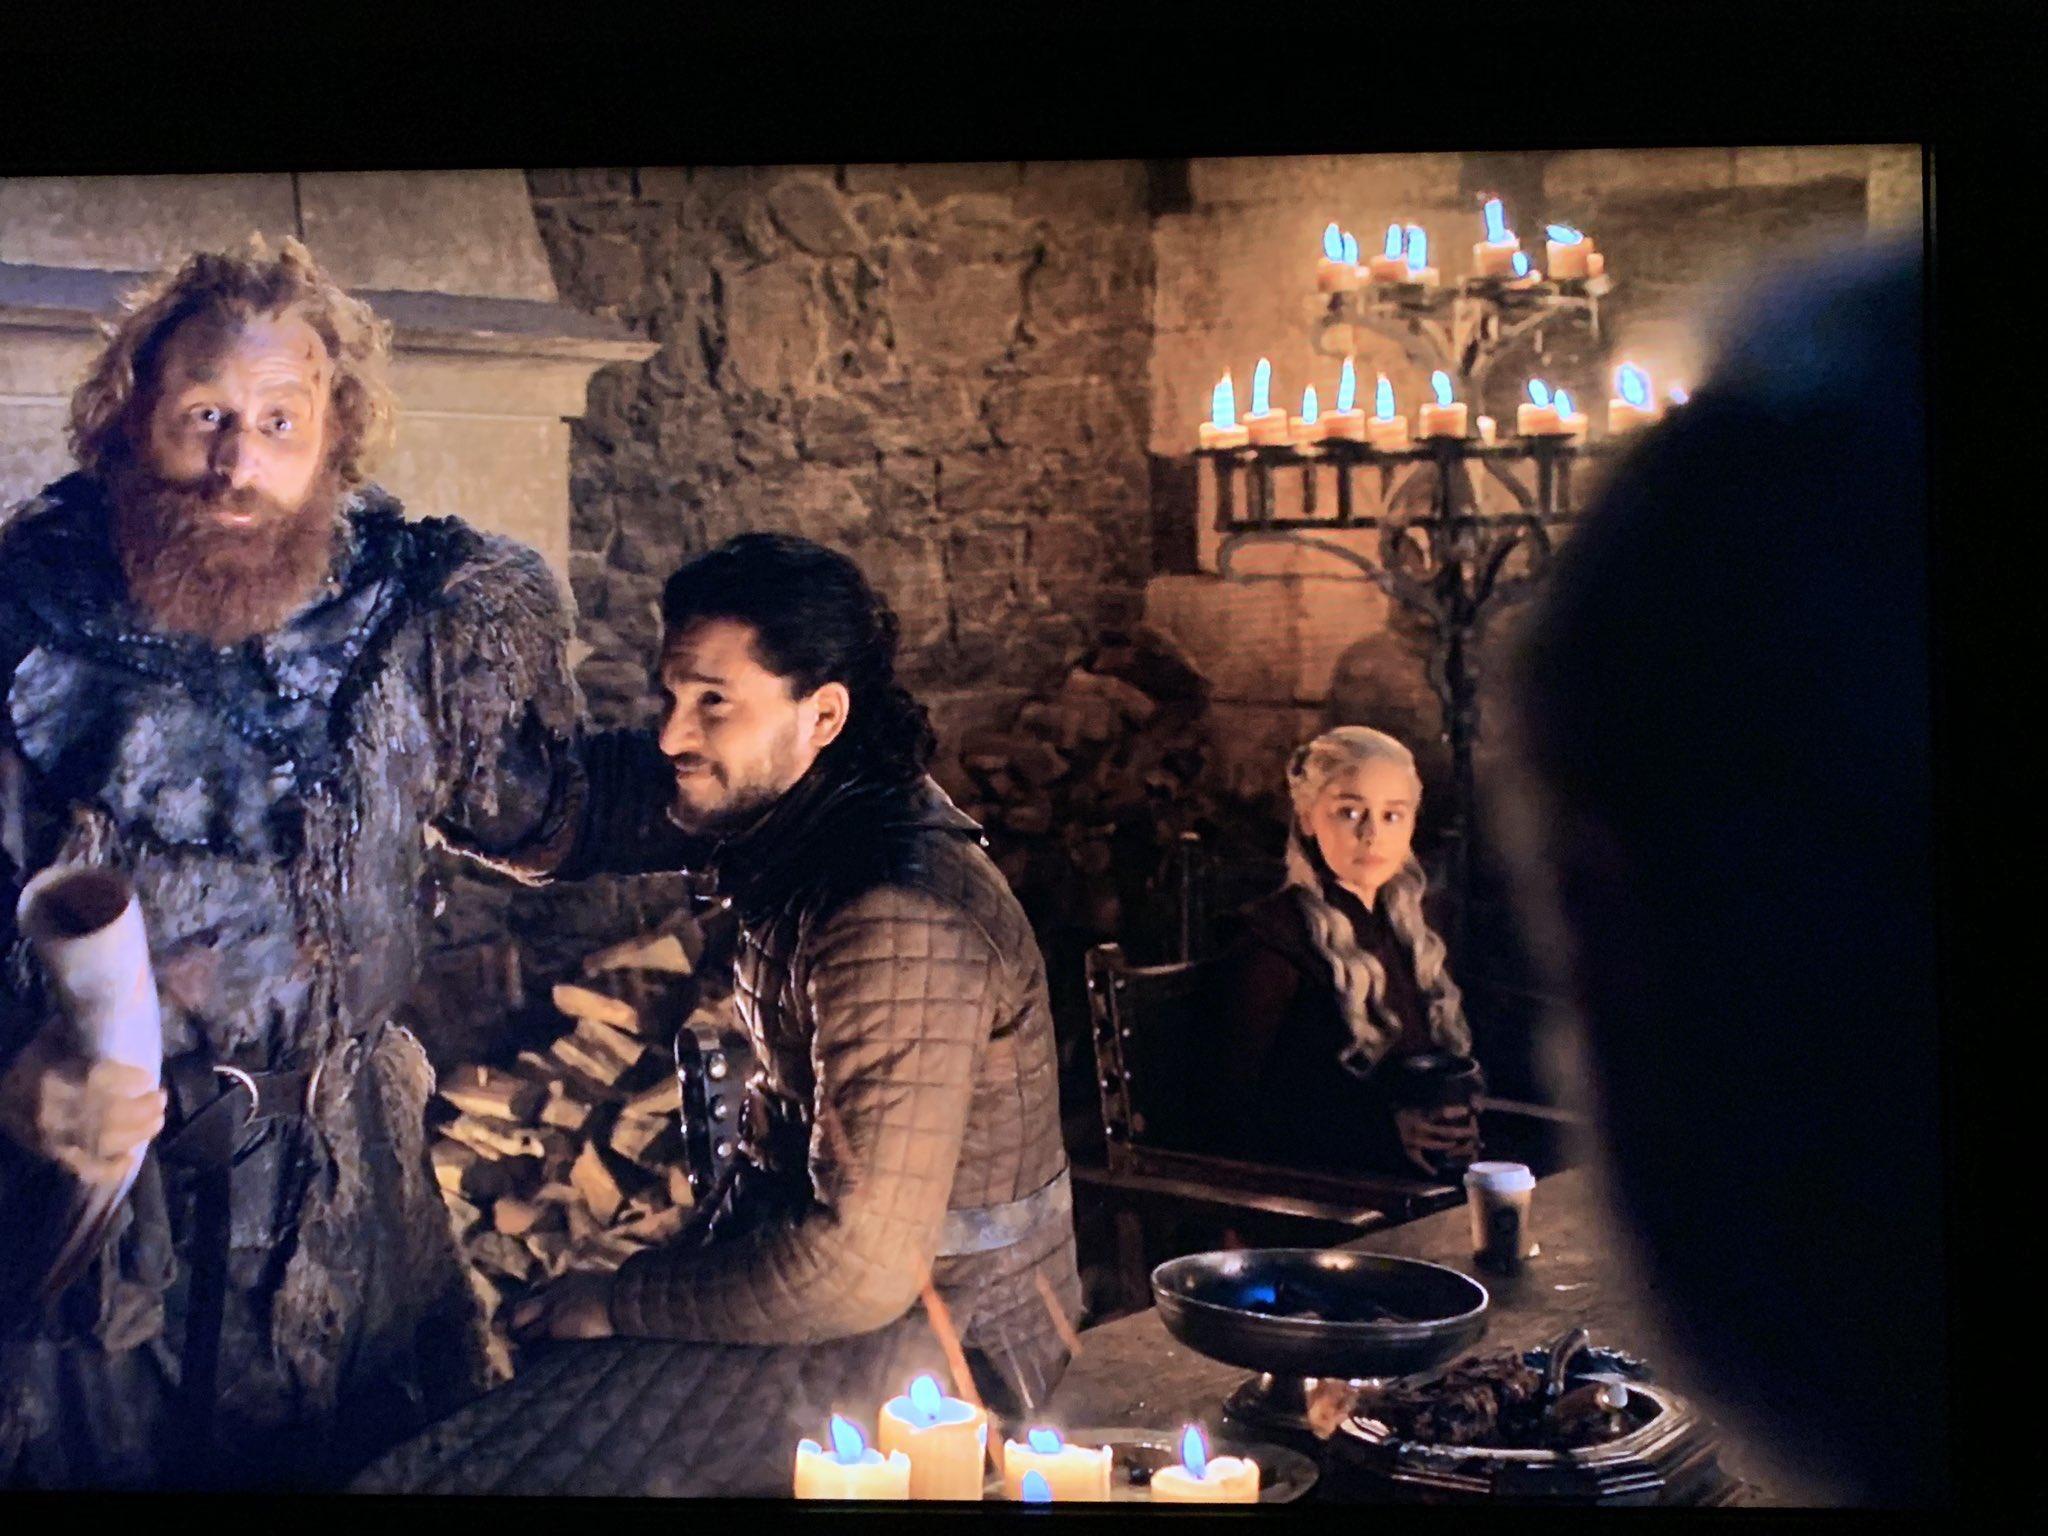 Стаканчик кофе в игре престолов фото